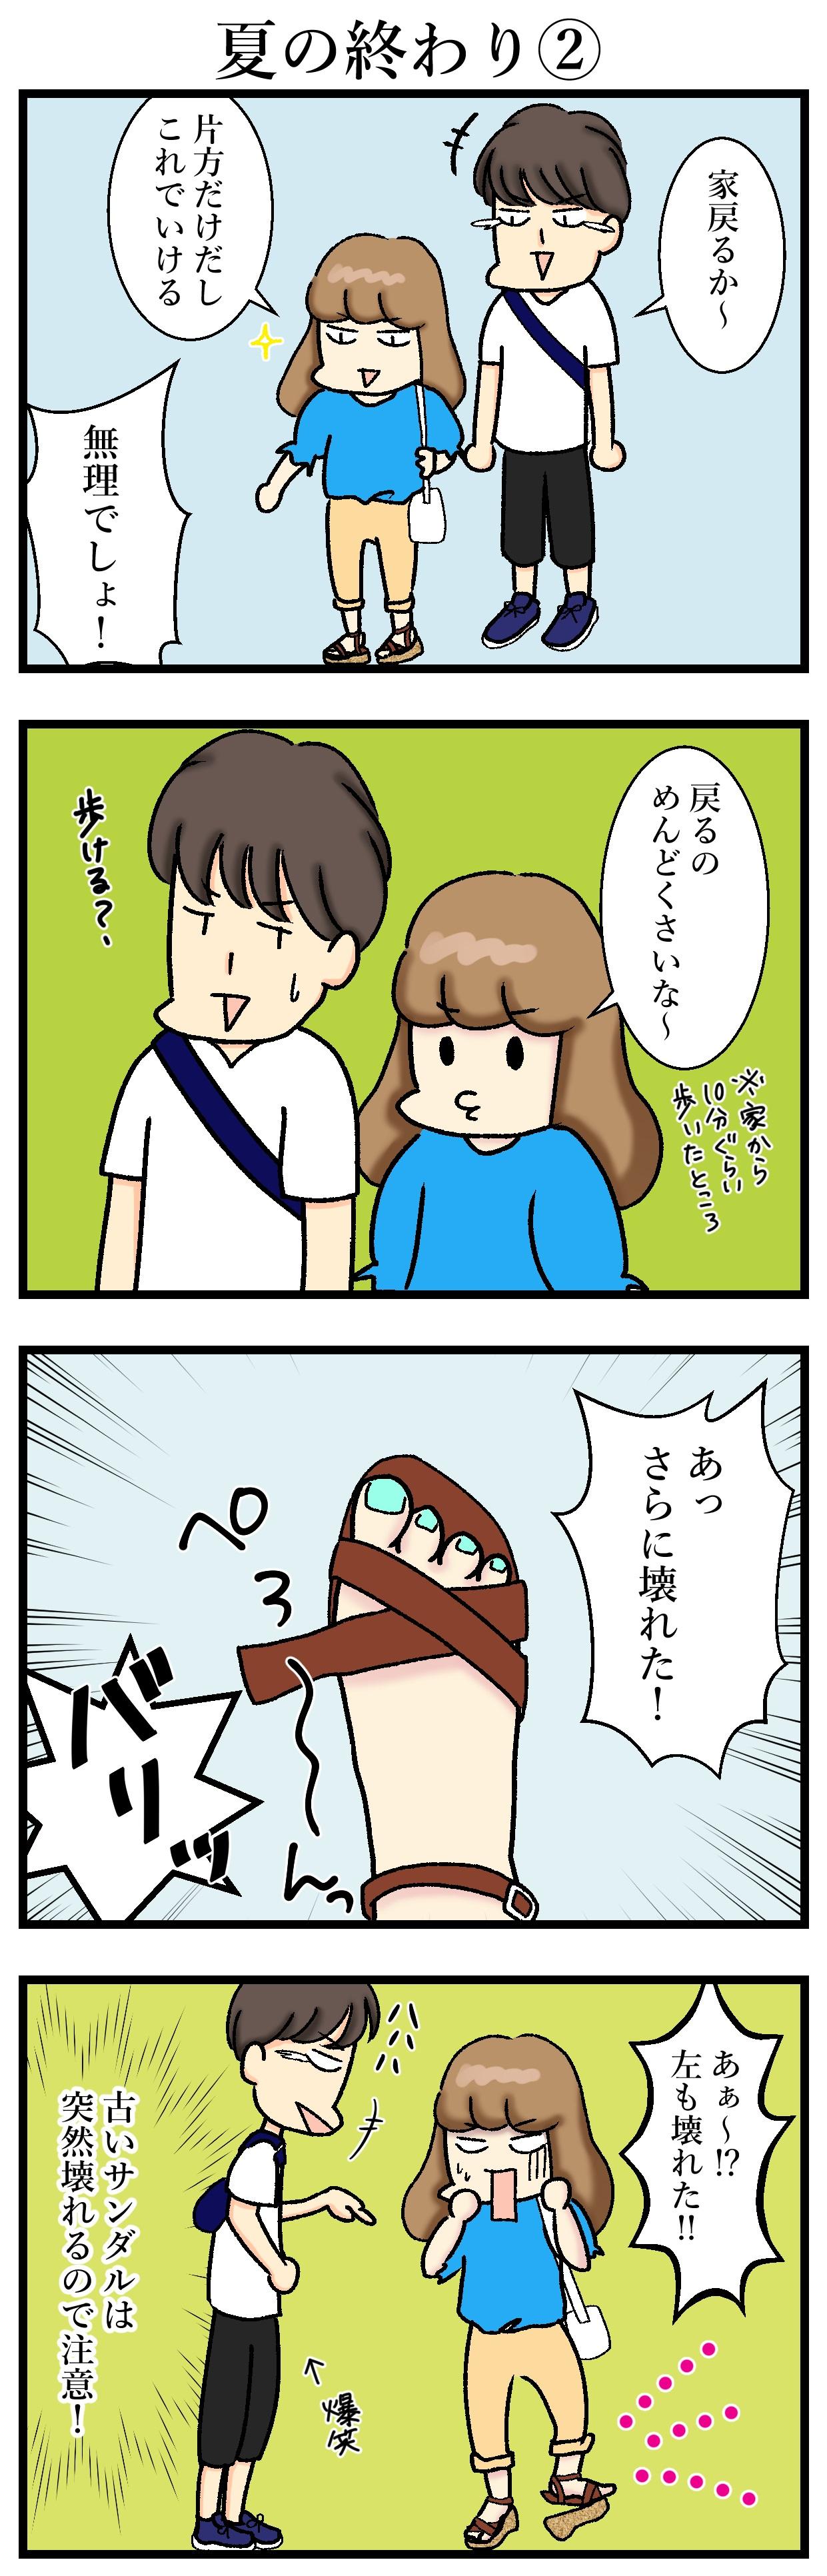 【エッセイ漫画】アラサー主婦くま子のふがいない日常(56)